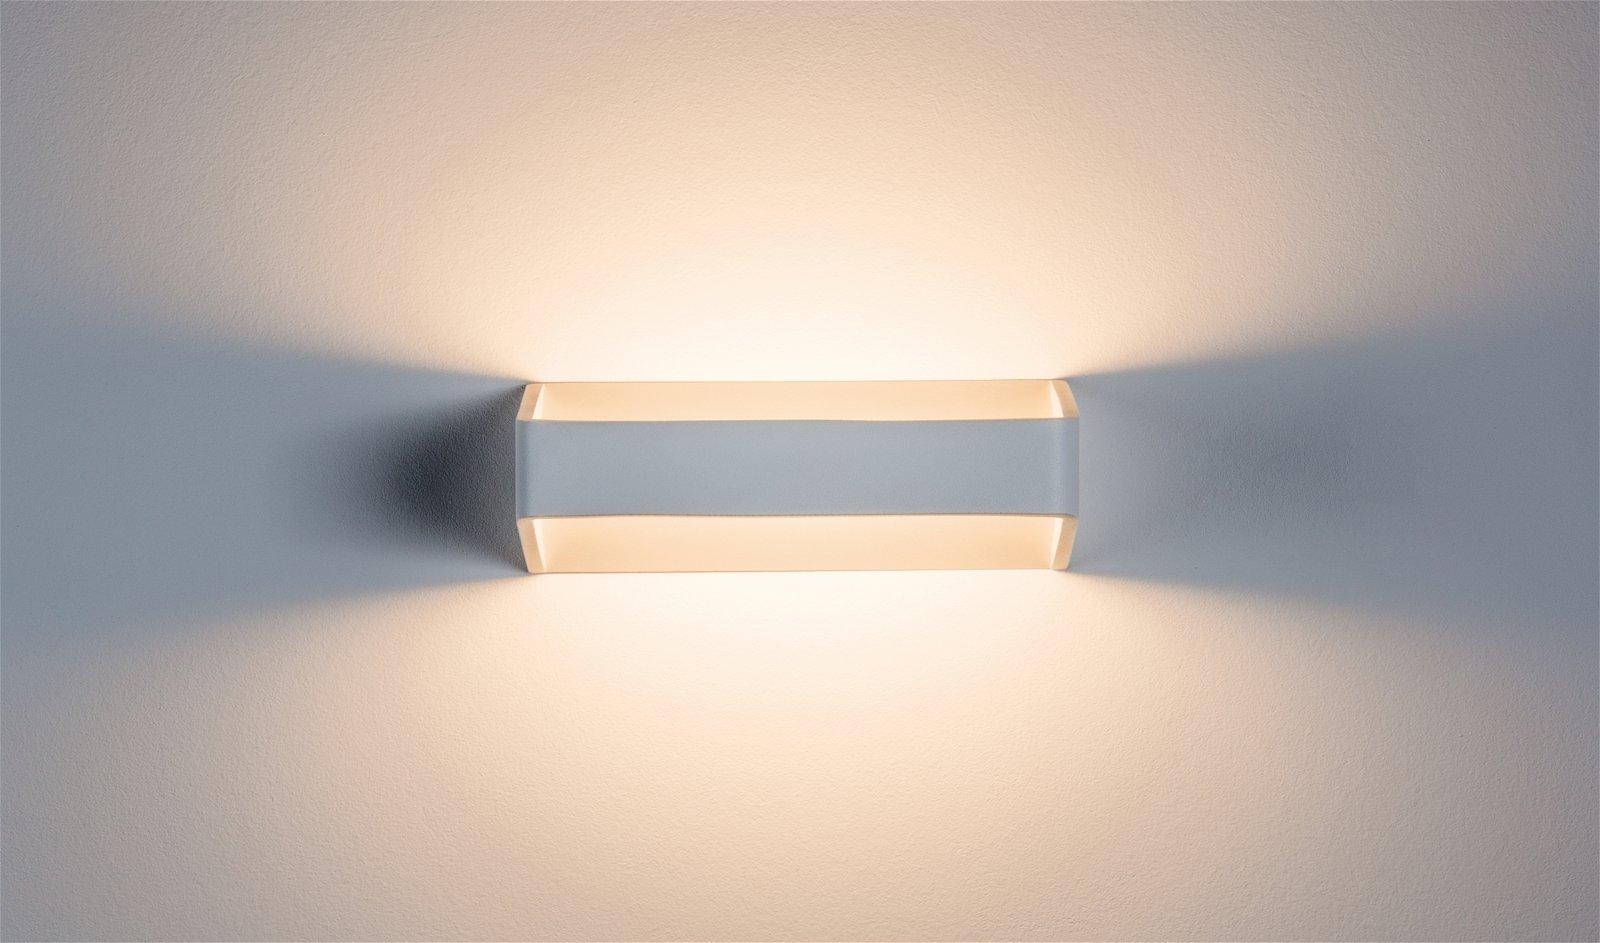 LED Wandleuchte Bar 2700K 765lm 230V 5,5W Weiß